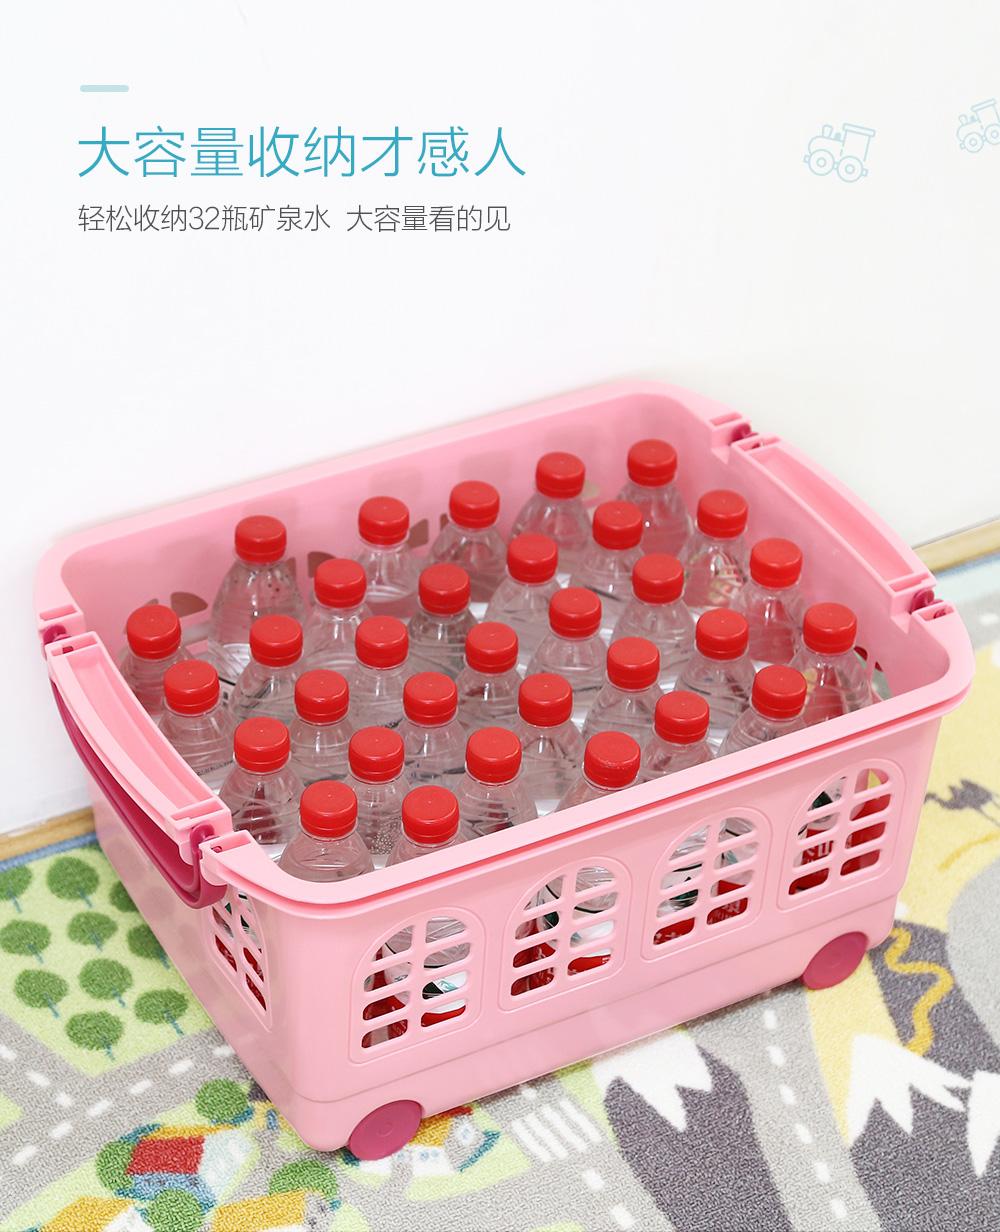 日本爱丽思IRIS 儿童玩具收纳筐可叠加塑料收纳箱儿童宝宝玩具收纳篮玩具整理筐爱丽丝 浅蓝色 54*39*25cm  53升